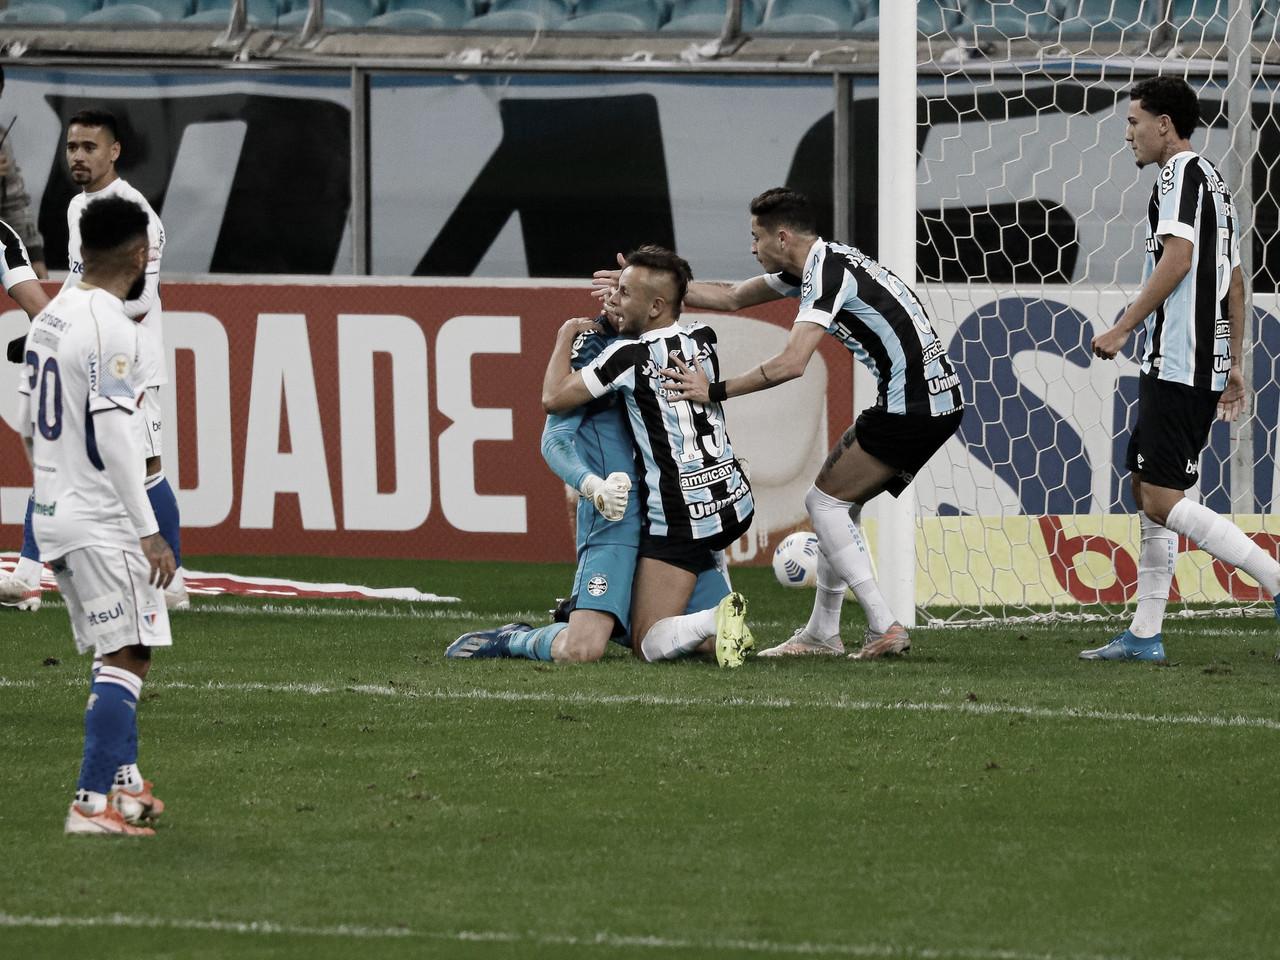 Com um a menos, Grêmio fica no empate com Fortaleza e segue na lanterna do Brasileirão